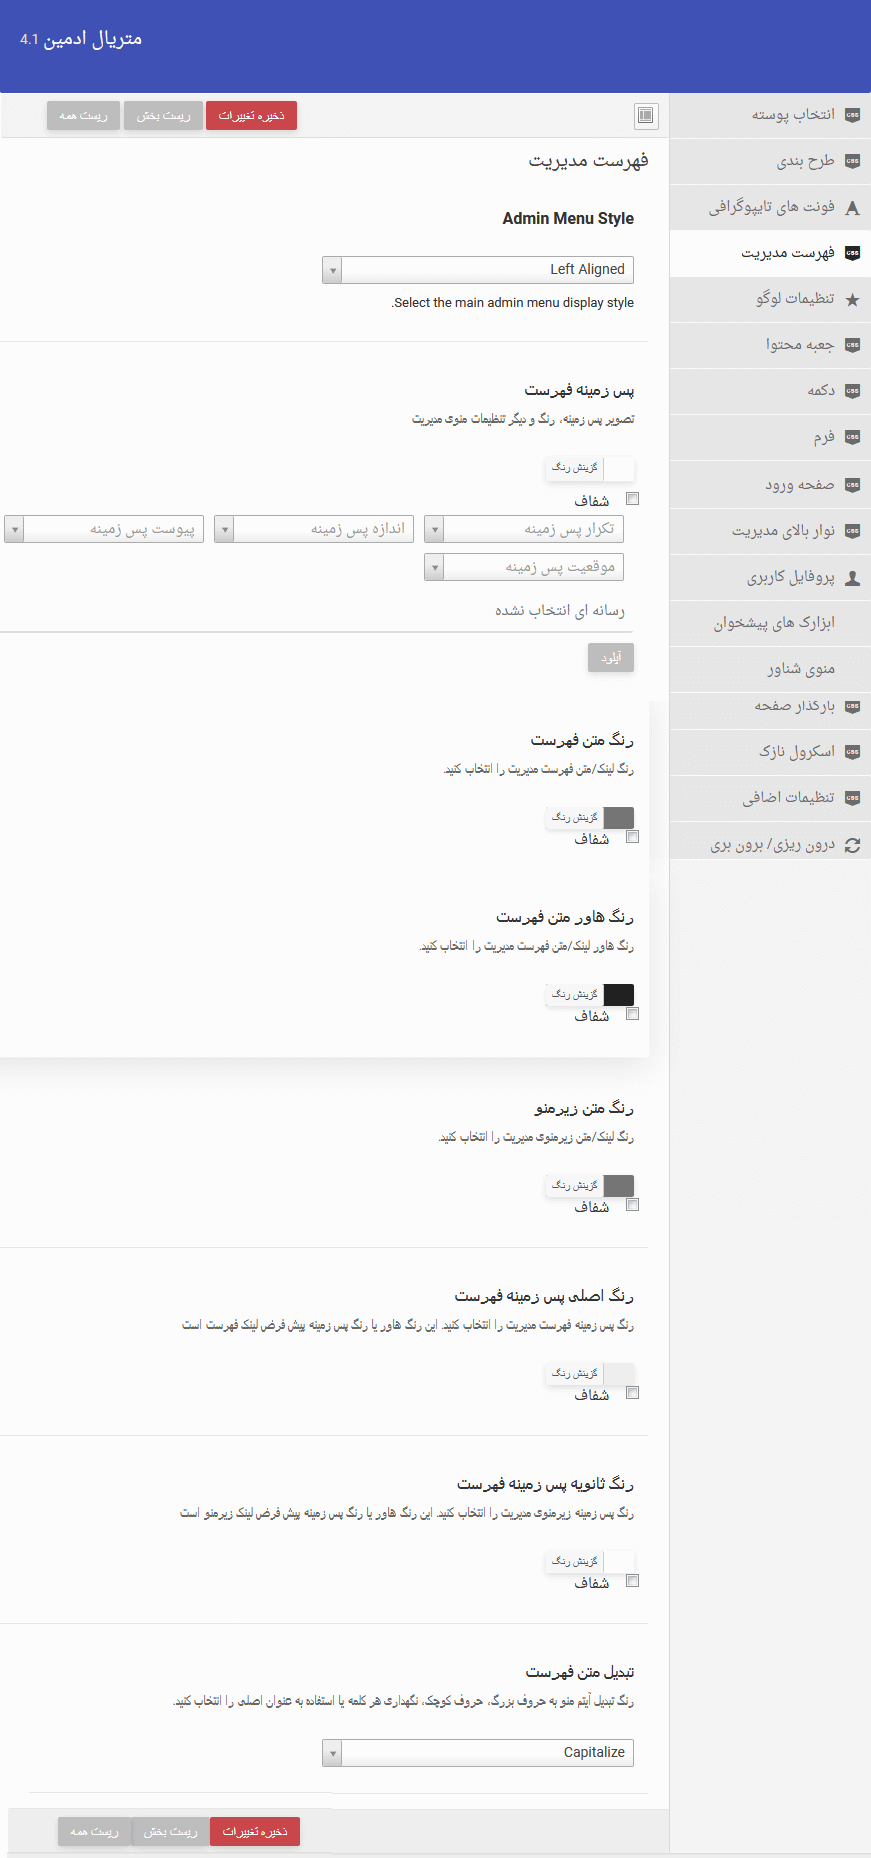 قابلیت شخصی سازی فهرست مدیریت سایت